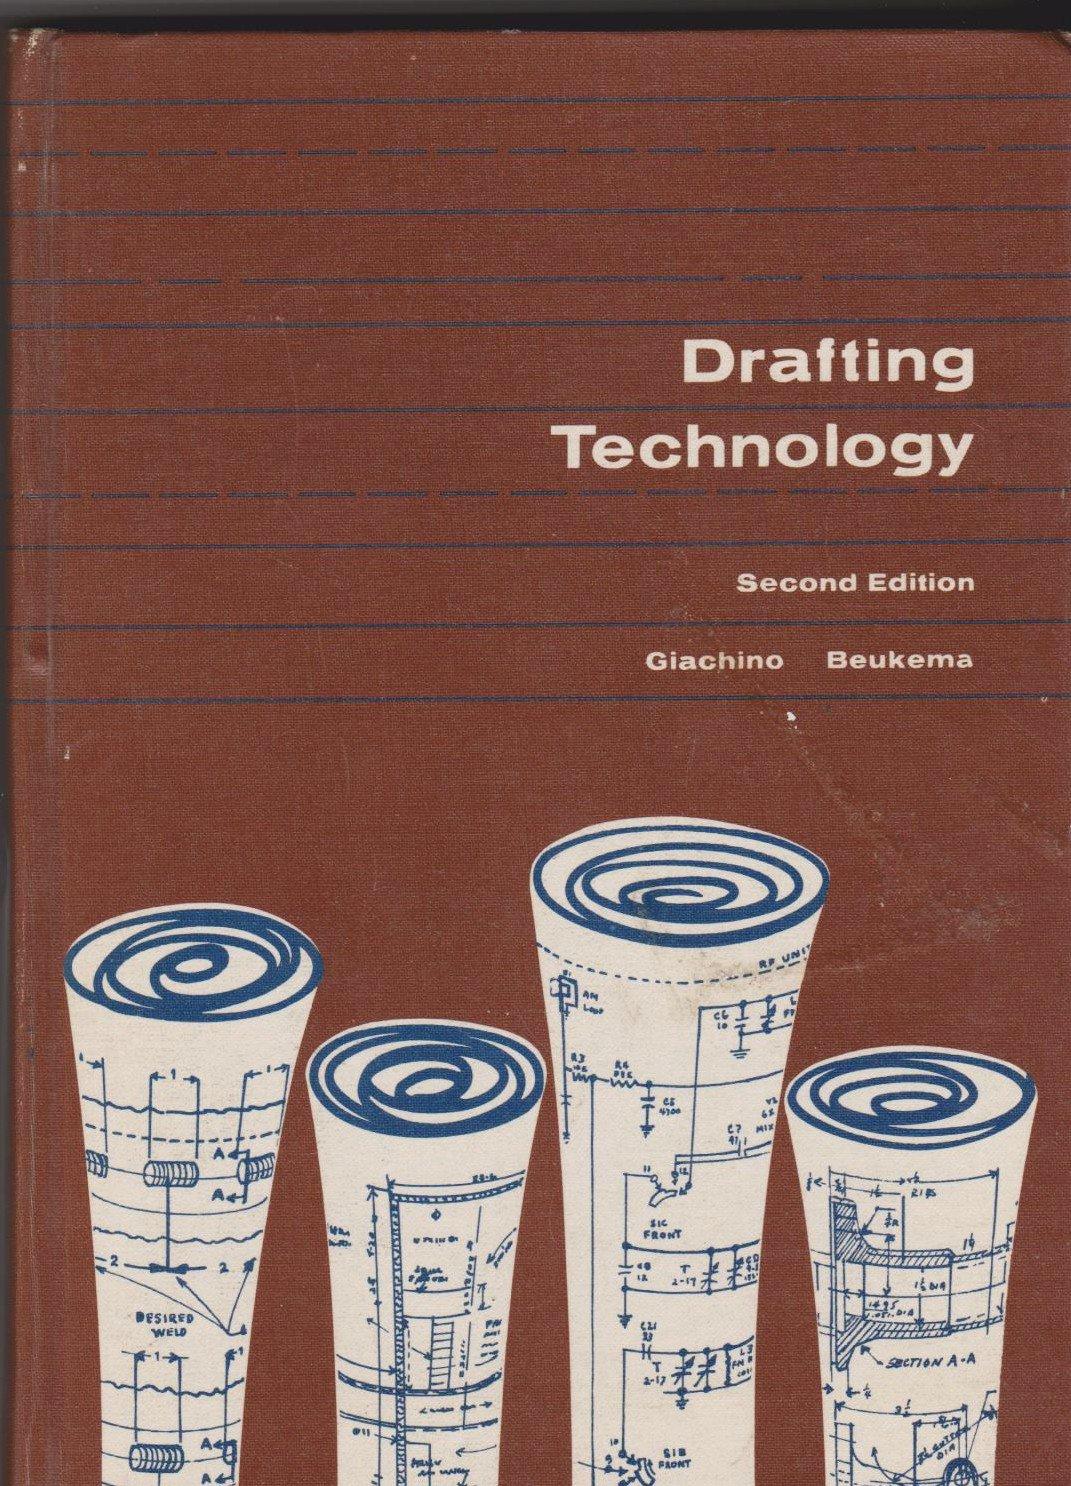 Drafting Technology by Joseph William Giachino, H.J. Beukema